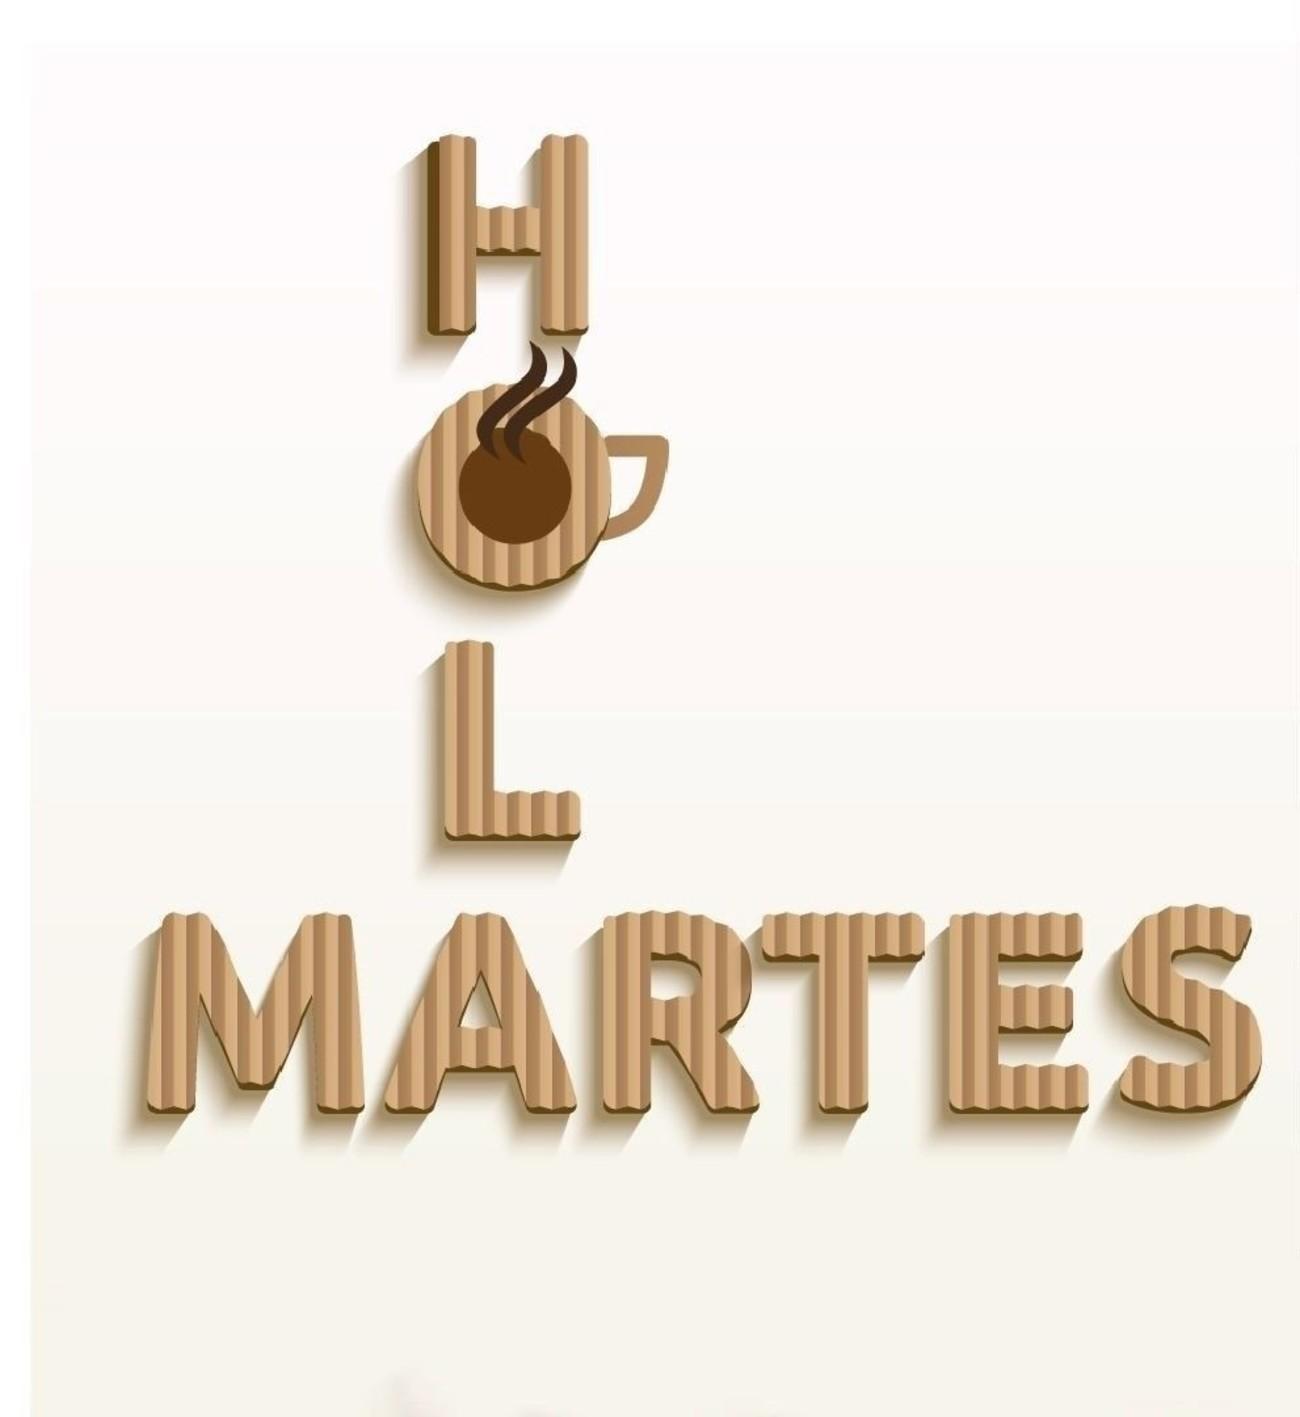 Hola Martes 66